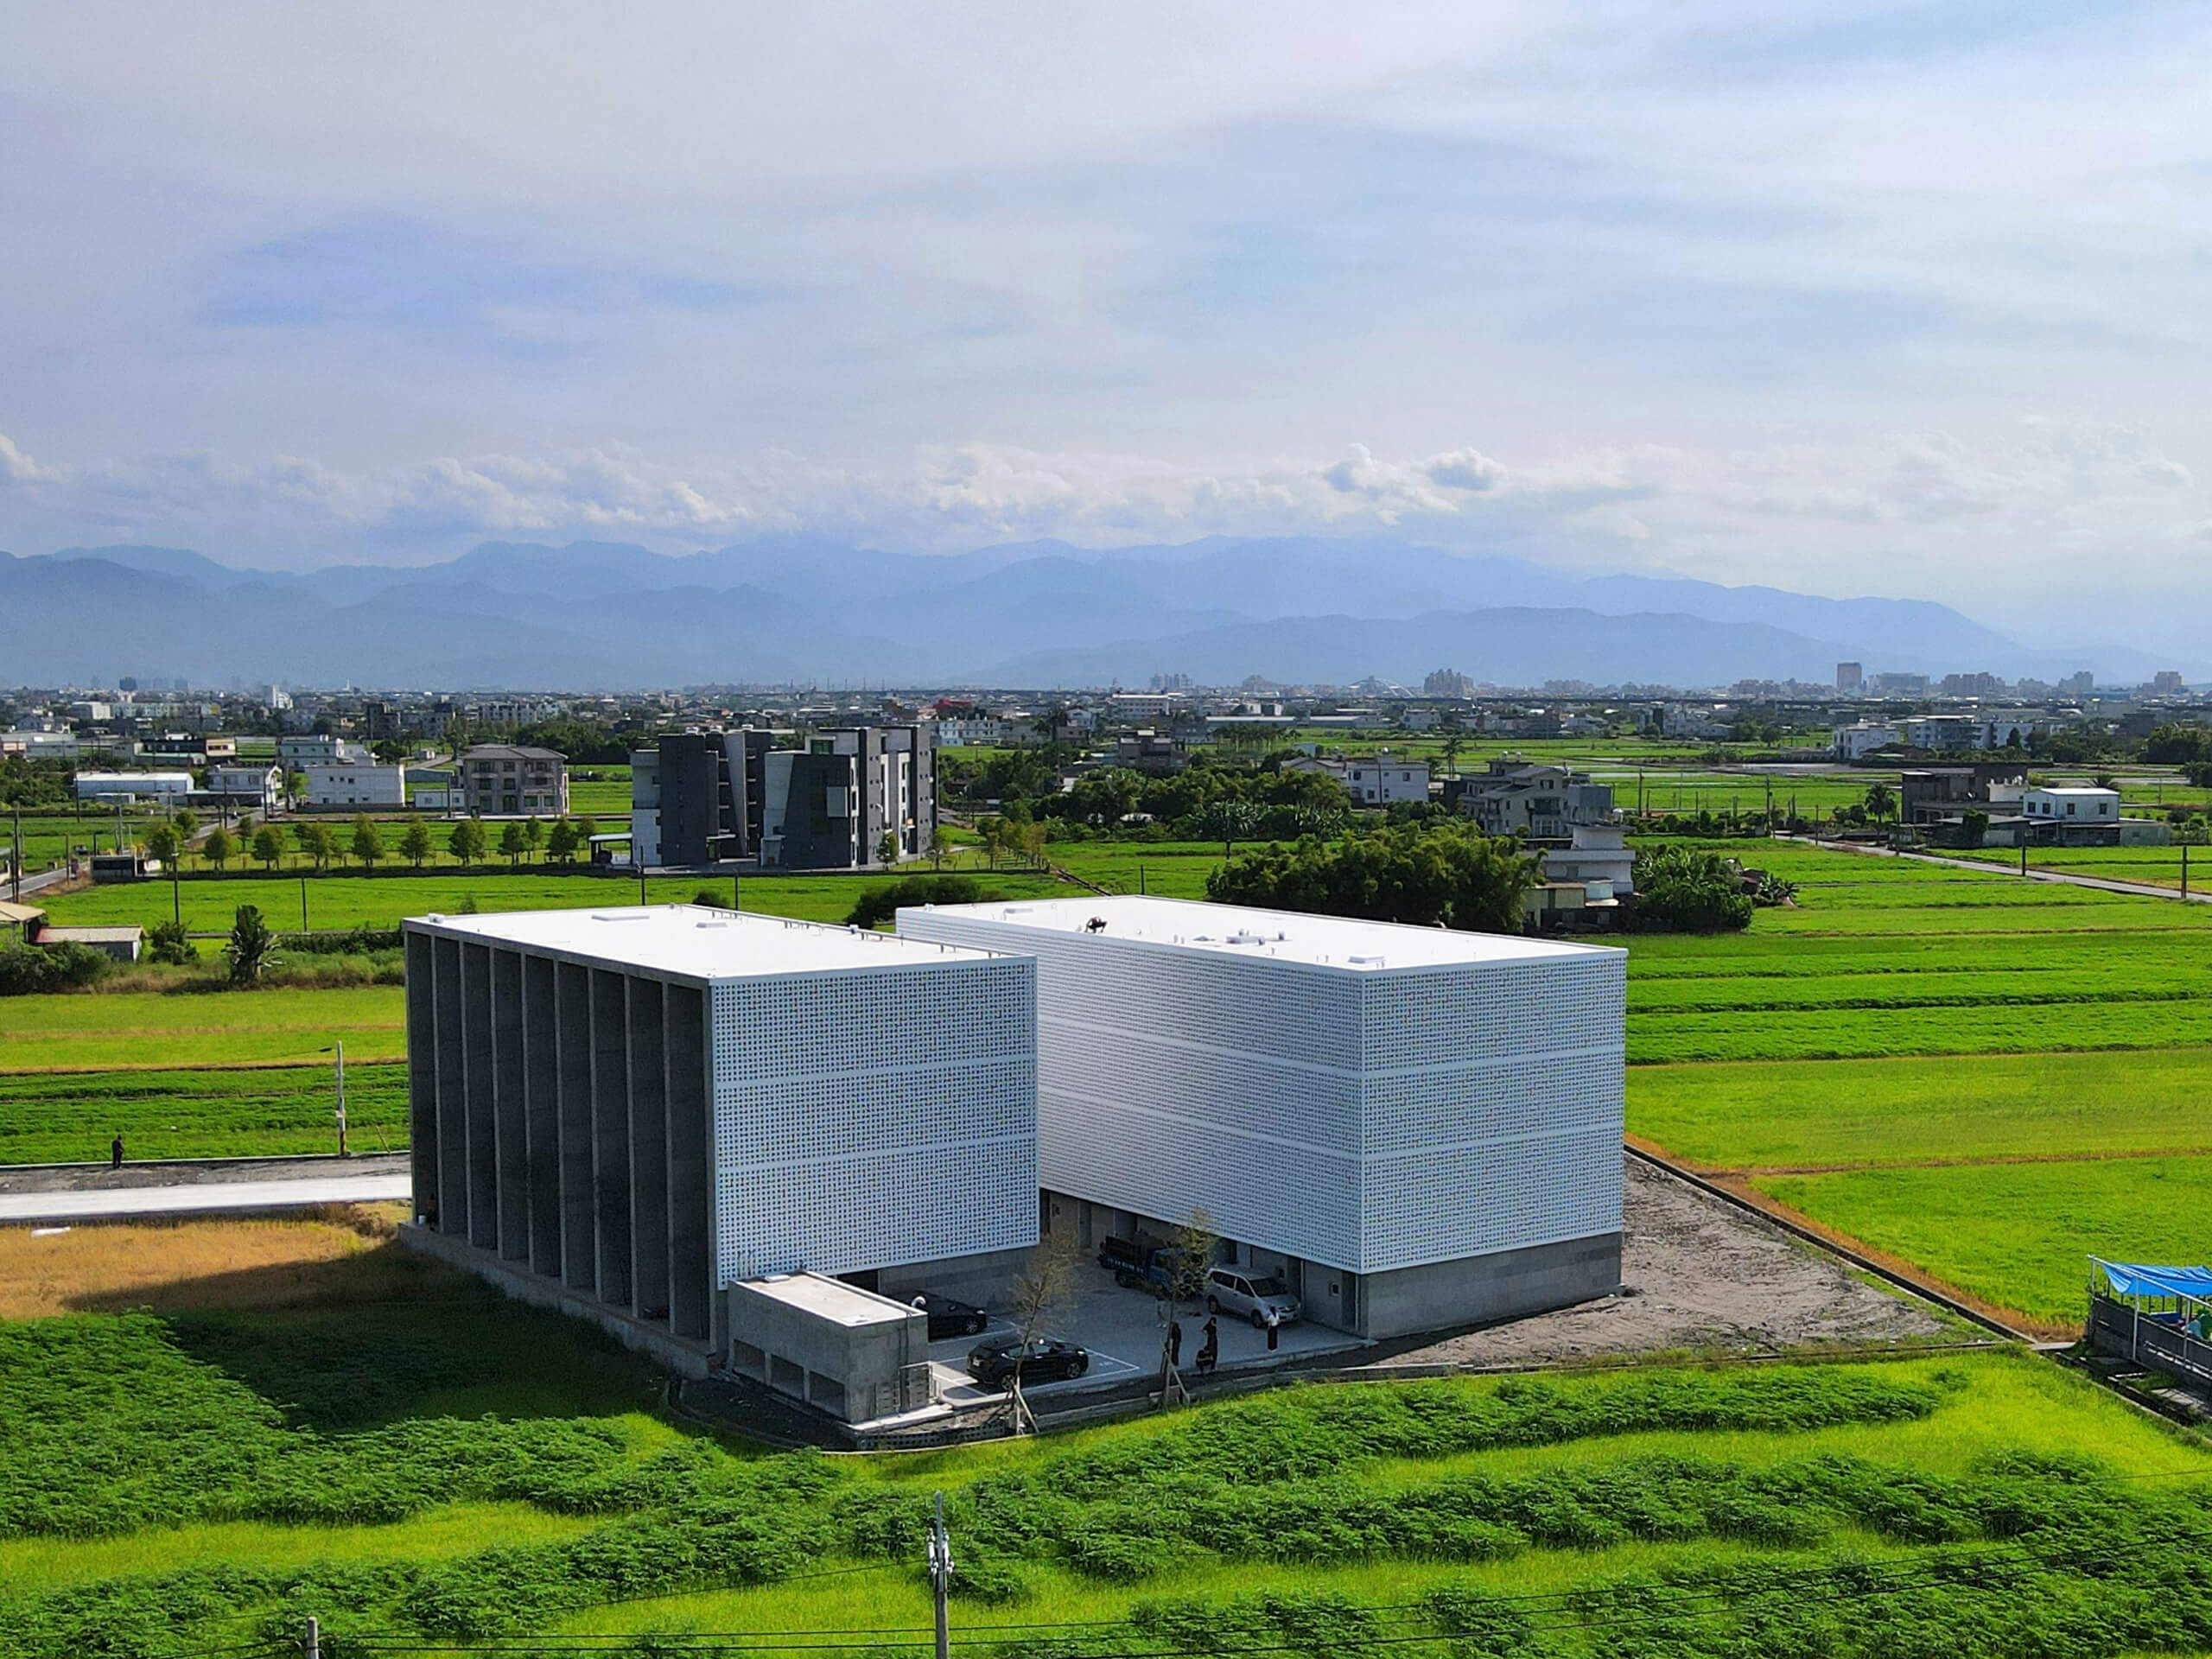 德築-DEZU-project-Zutian-architecture-real-estate-engineering-2